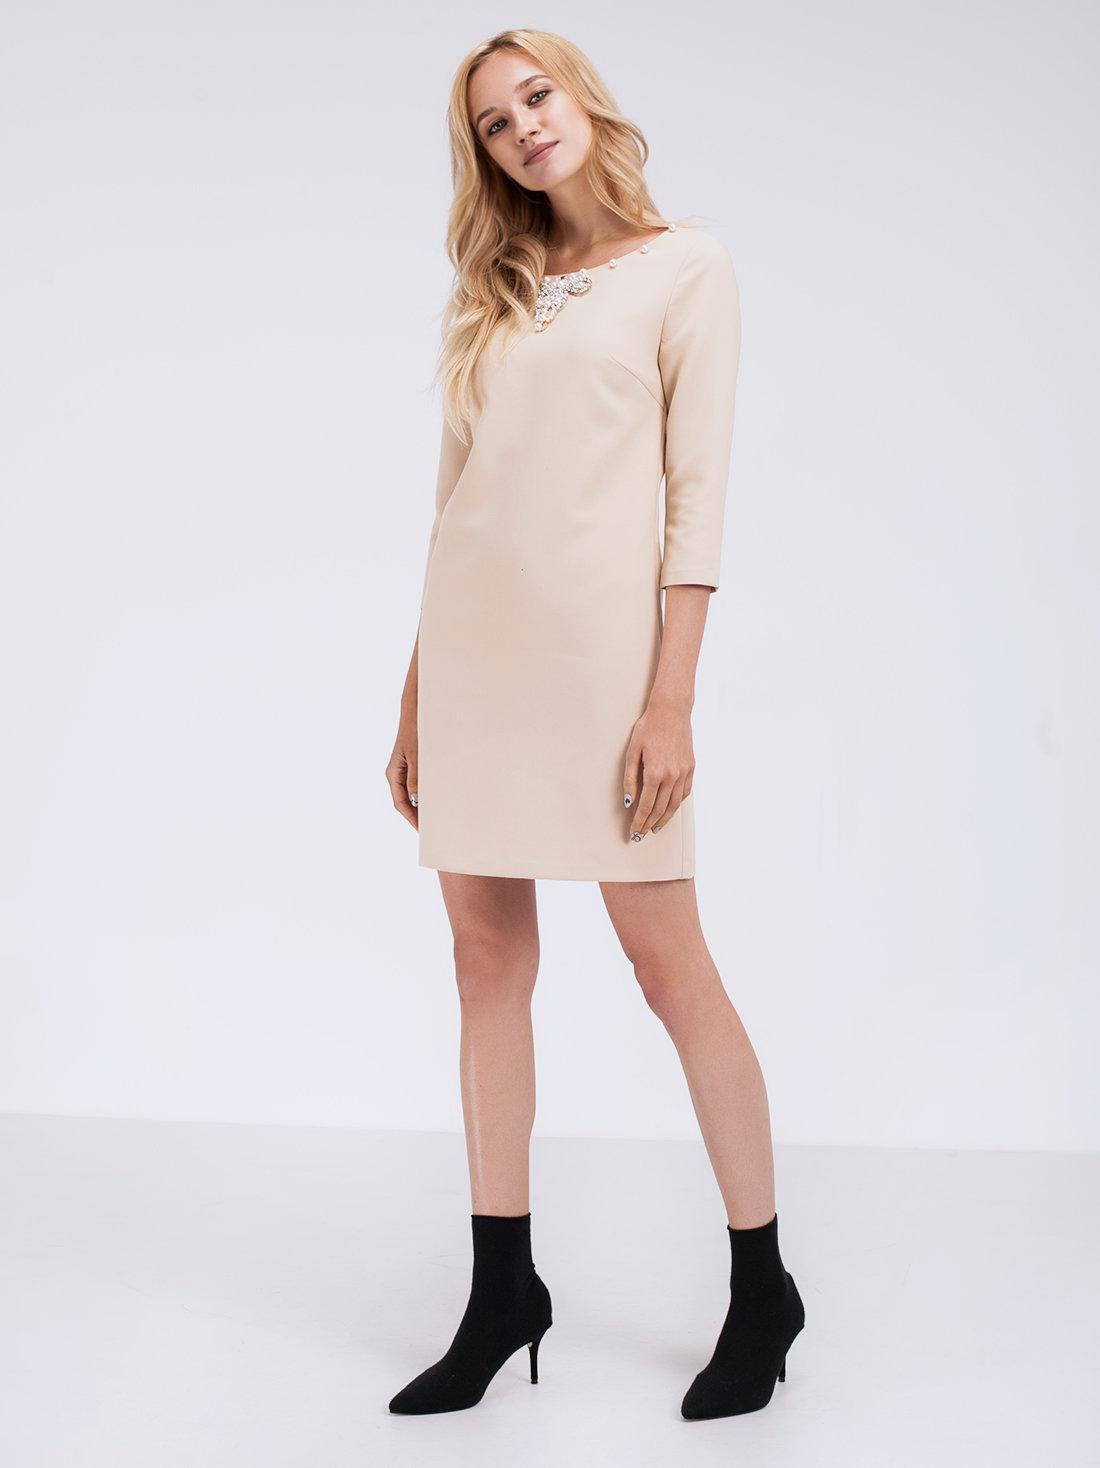 Платье с декоративным элементом LIME. Платье мини A-силуэта. Вырез лодочка  с декоративной 9d3845b7777